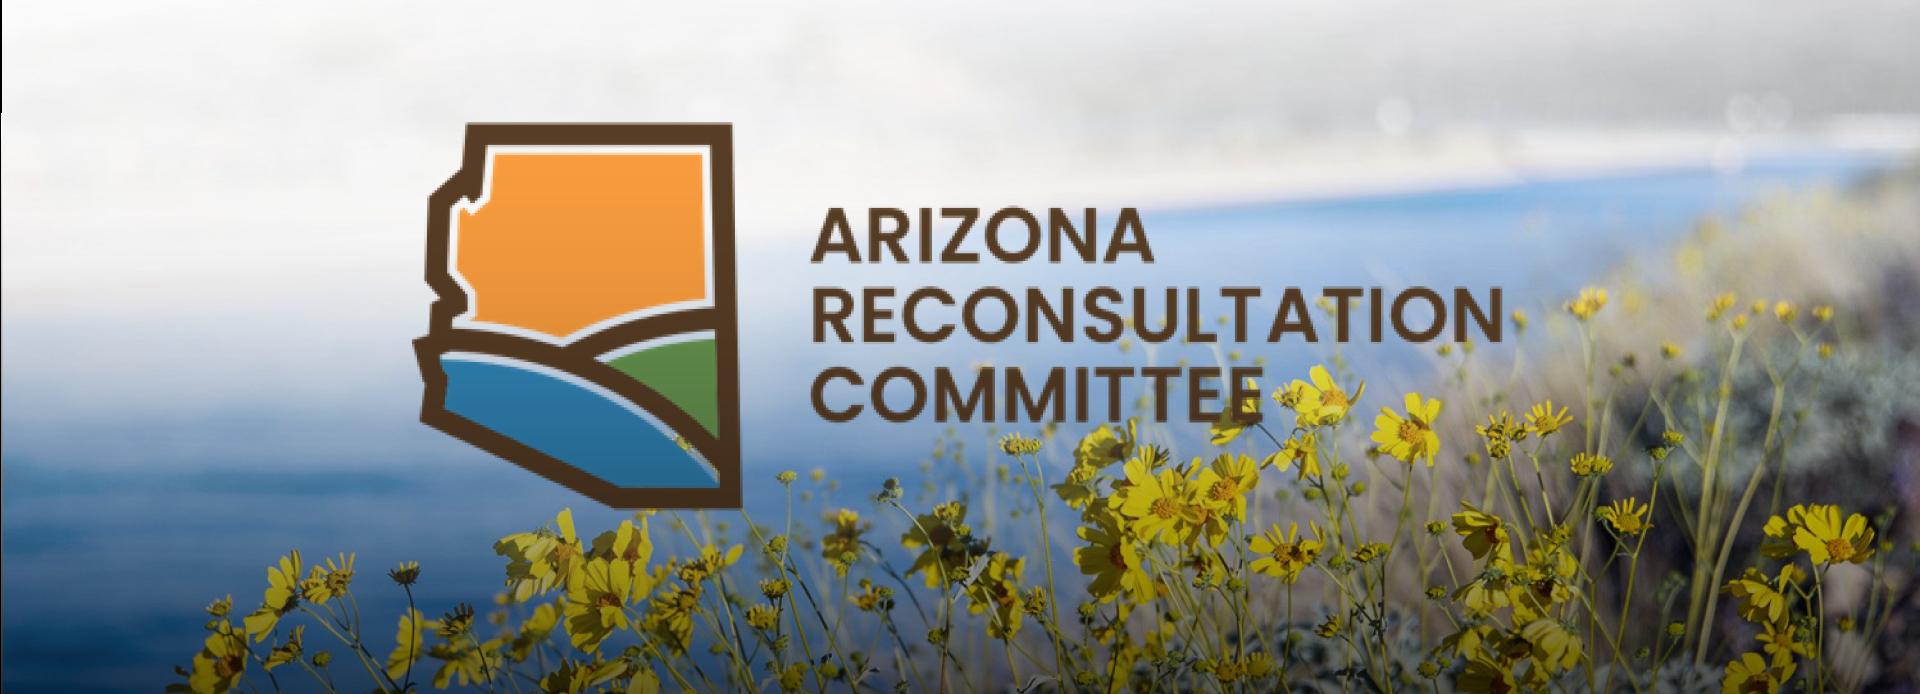 Arizona Reconsultation Committee banner image